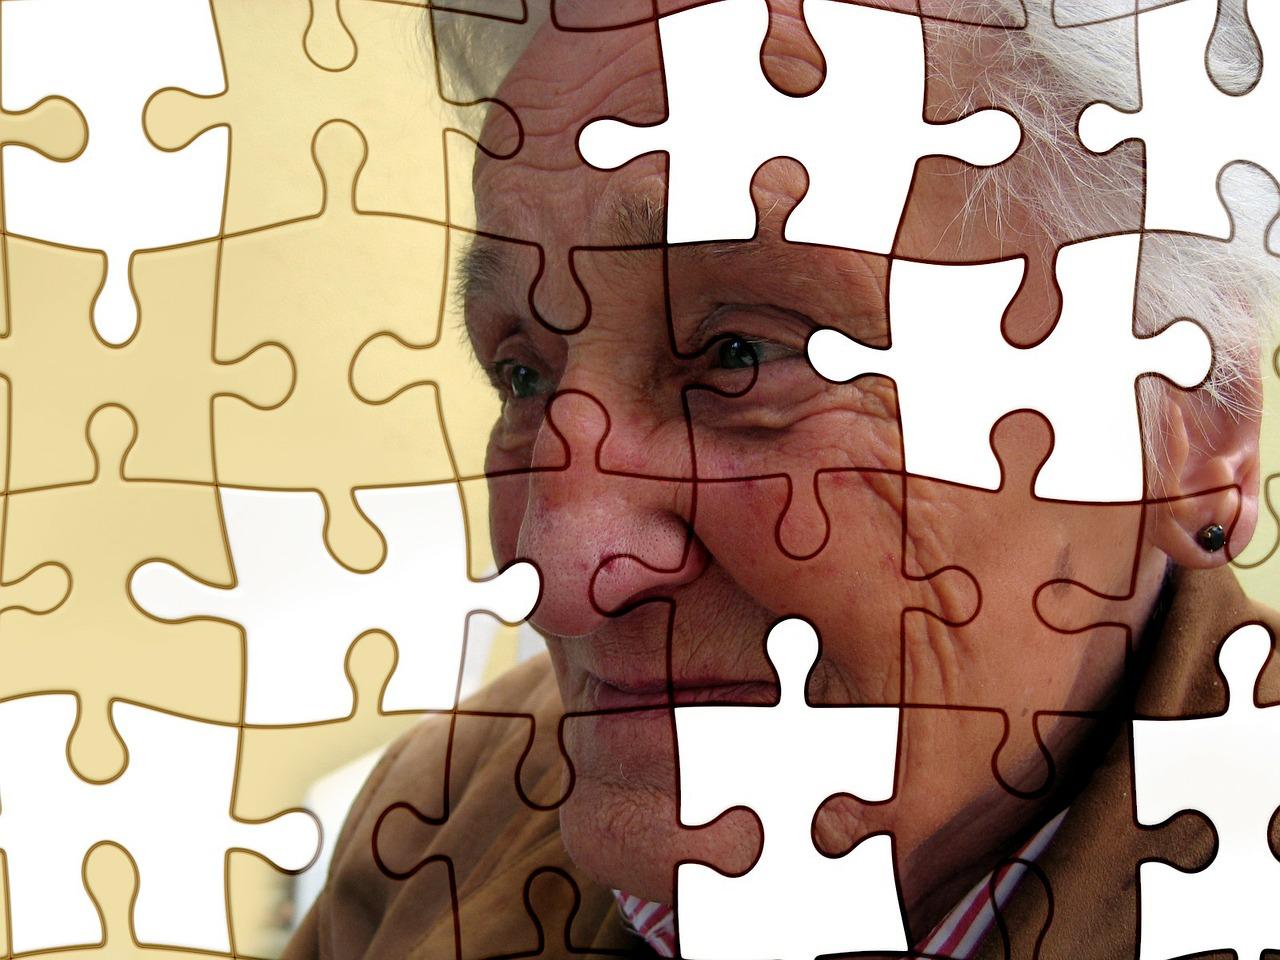 https://pixabay.com/de/users/geralt-9301/